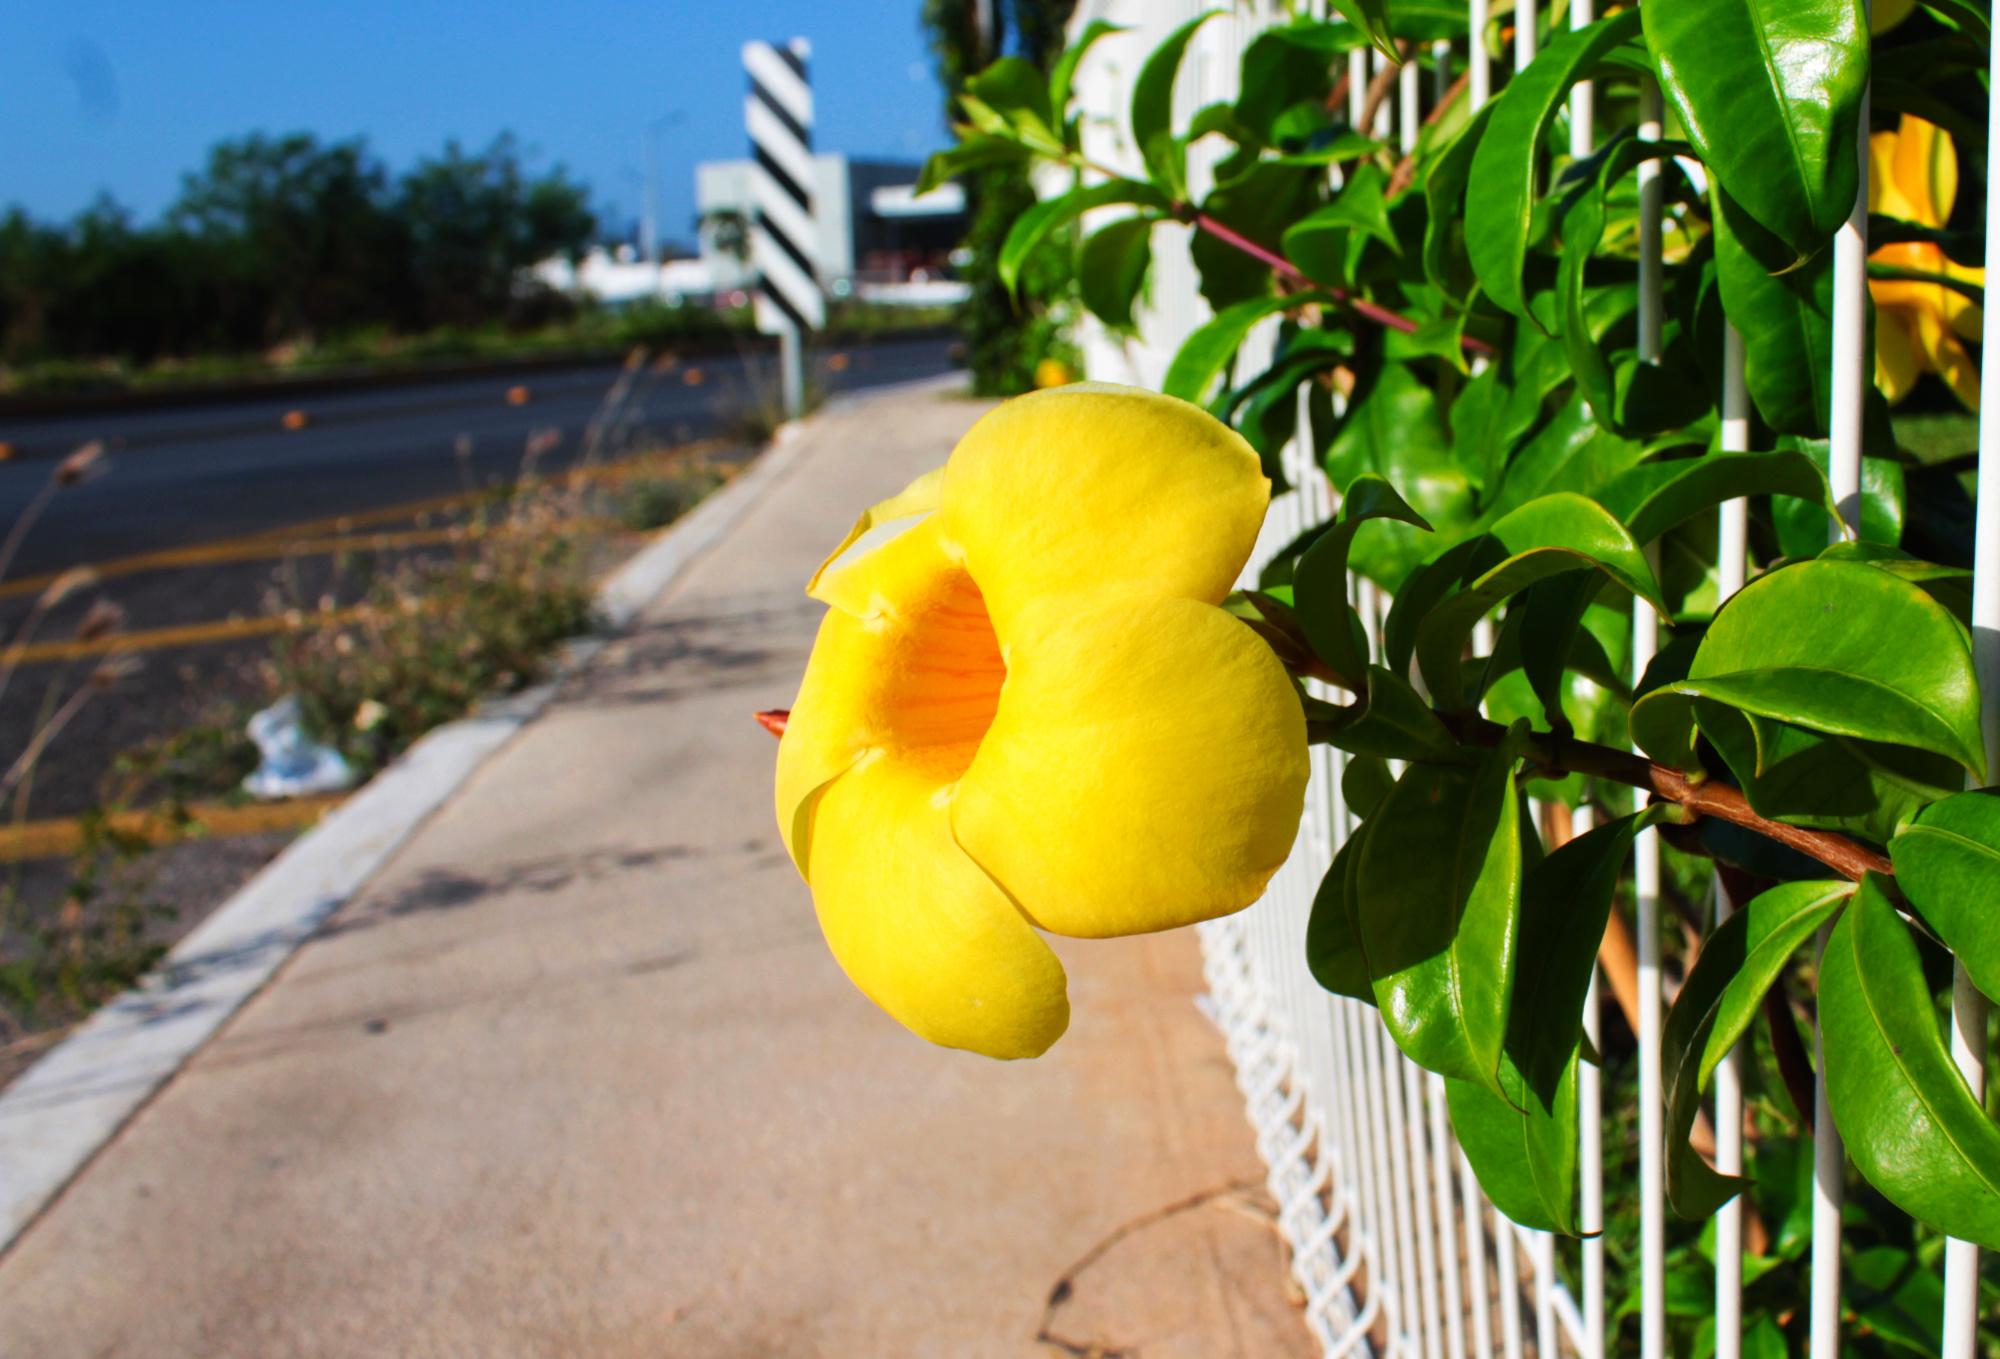 Este martes 20 de marzo llega la primavera… y calor de más de 40° a Yucatán